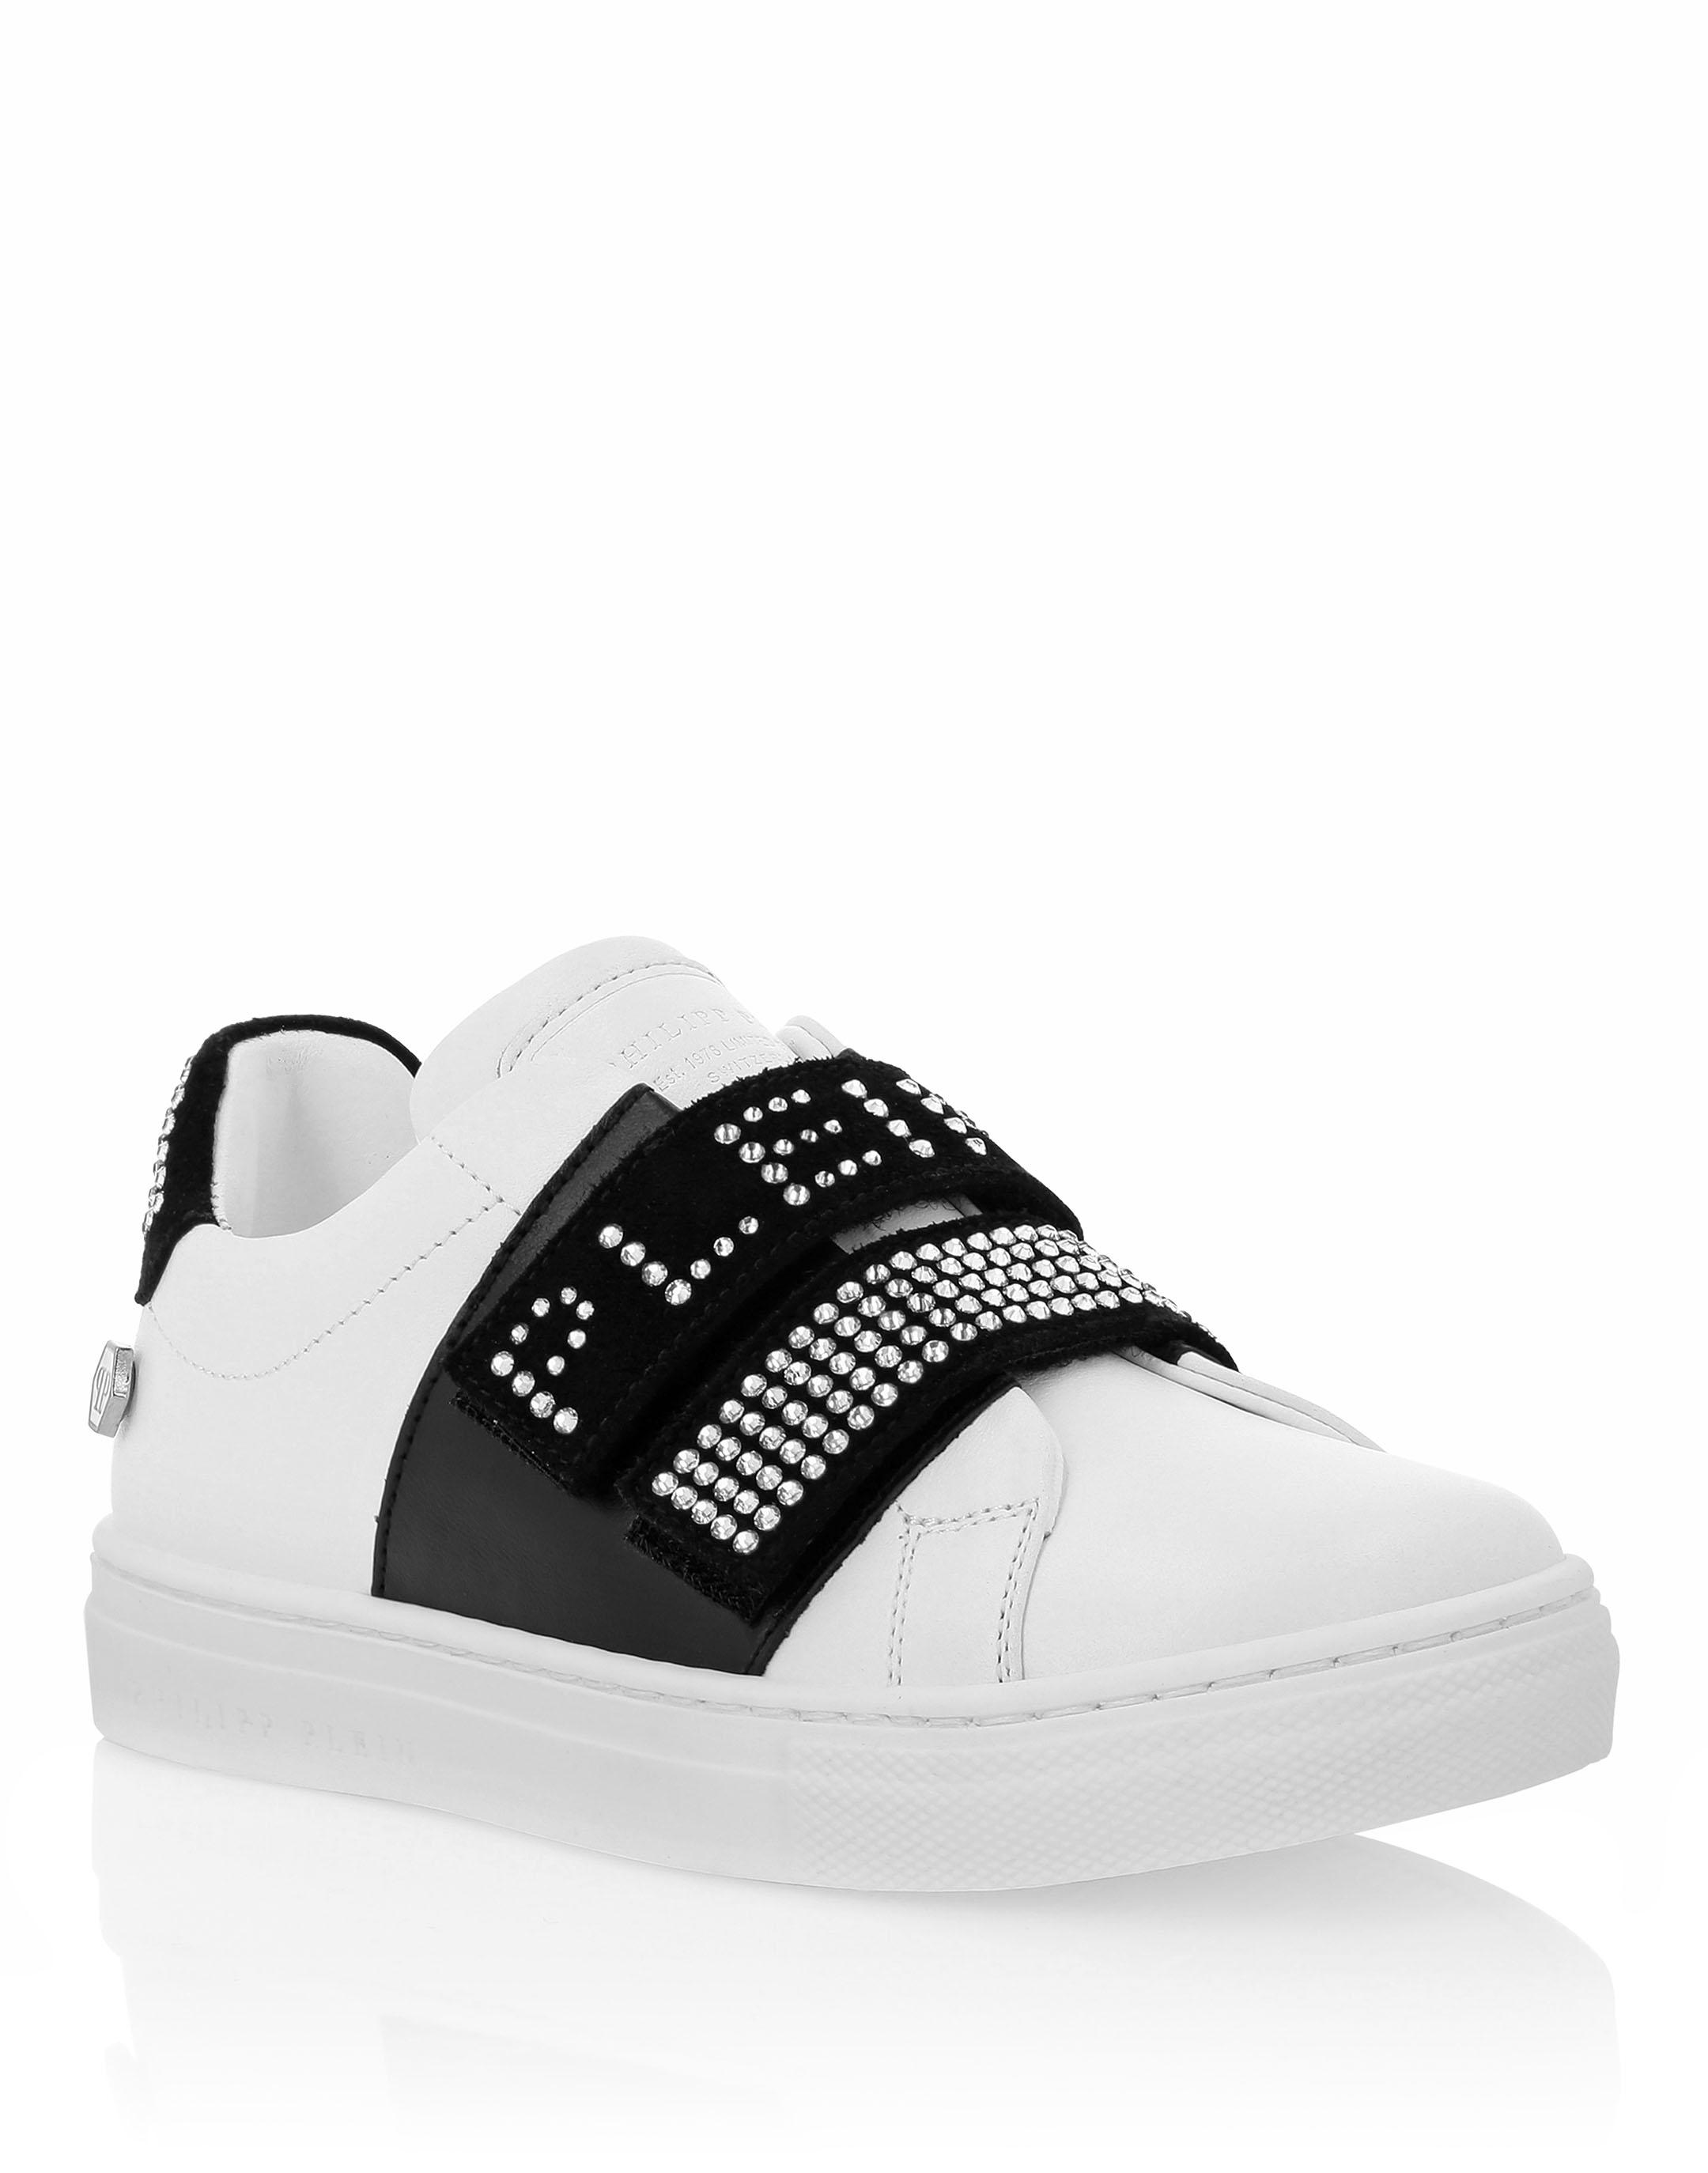 più recente 6dcc2 35df4 Lo-Top Sneakers Crystal